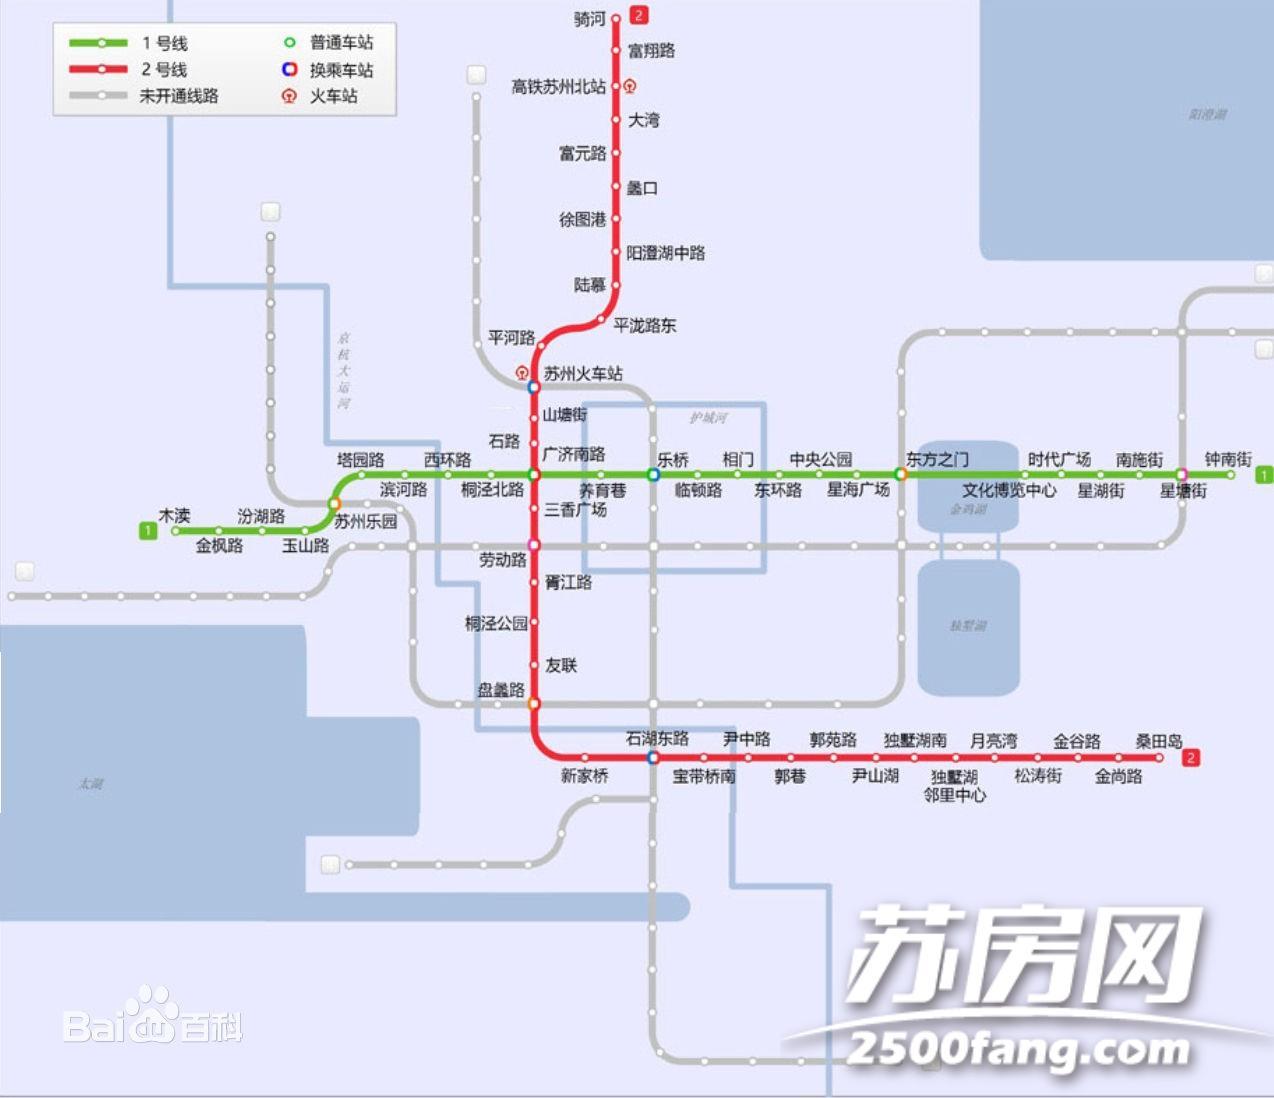 大连地铁5号线线路走向示意图图片